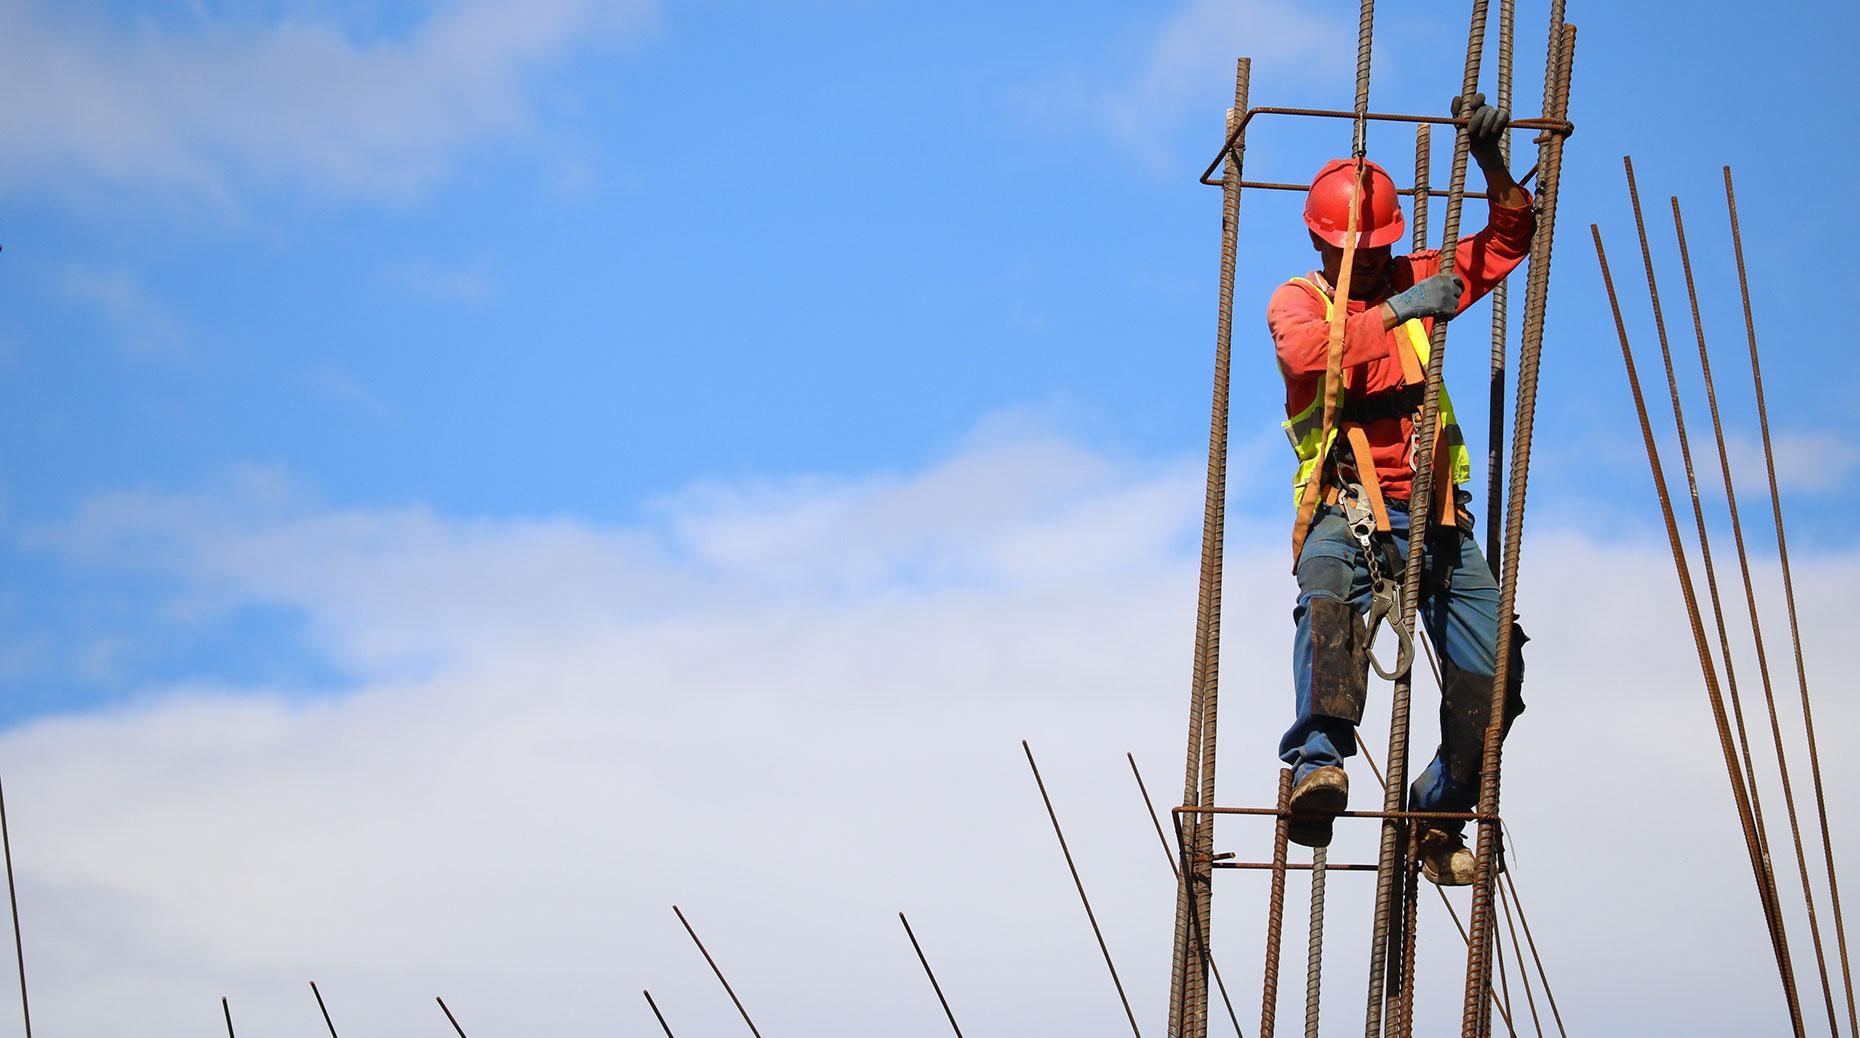 Assurance construction: L'activité du BCT multipliée par 2 en 2018